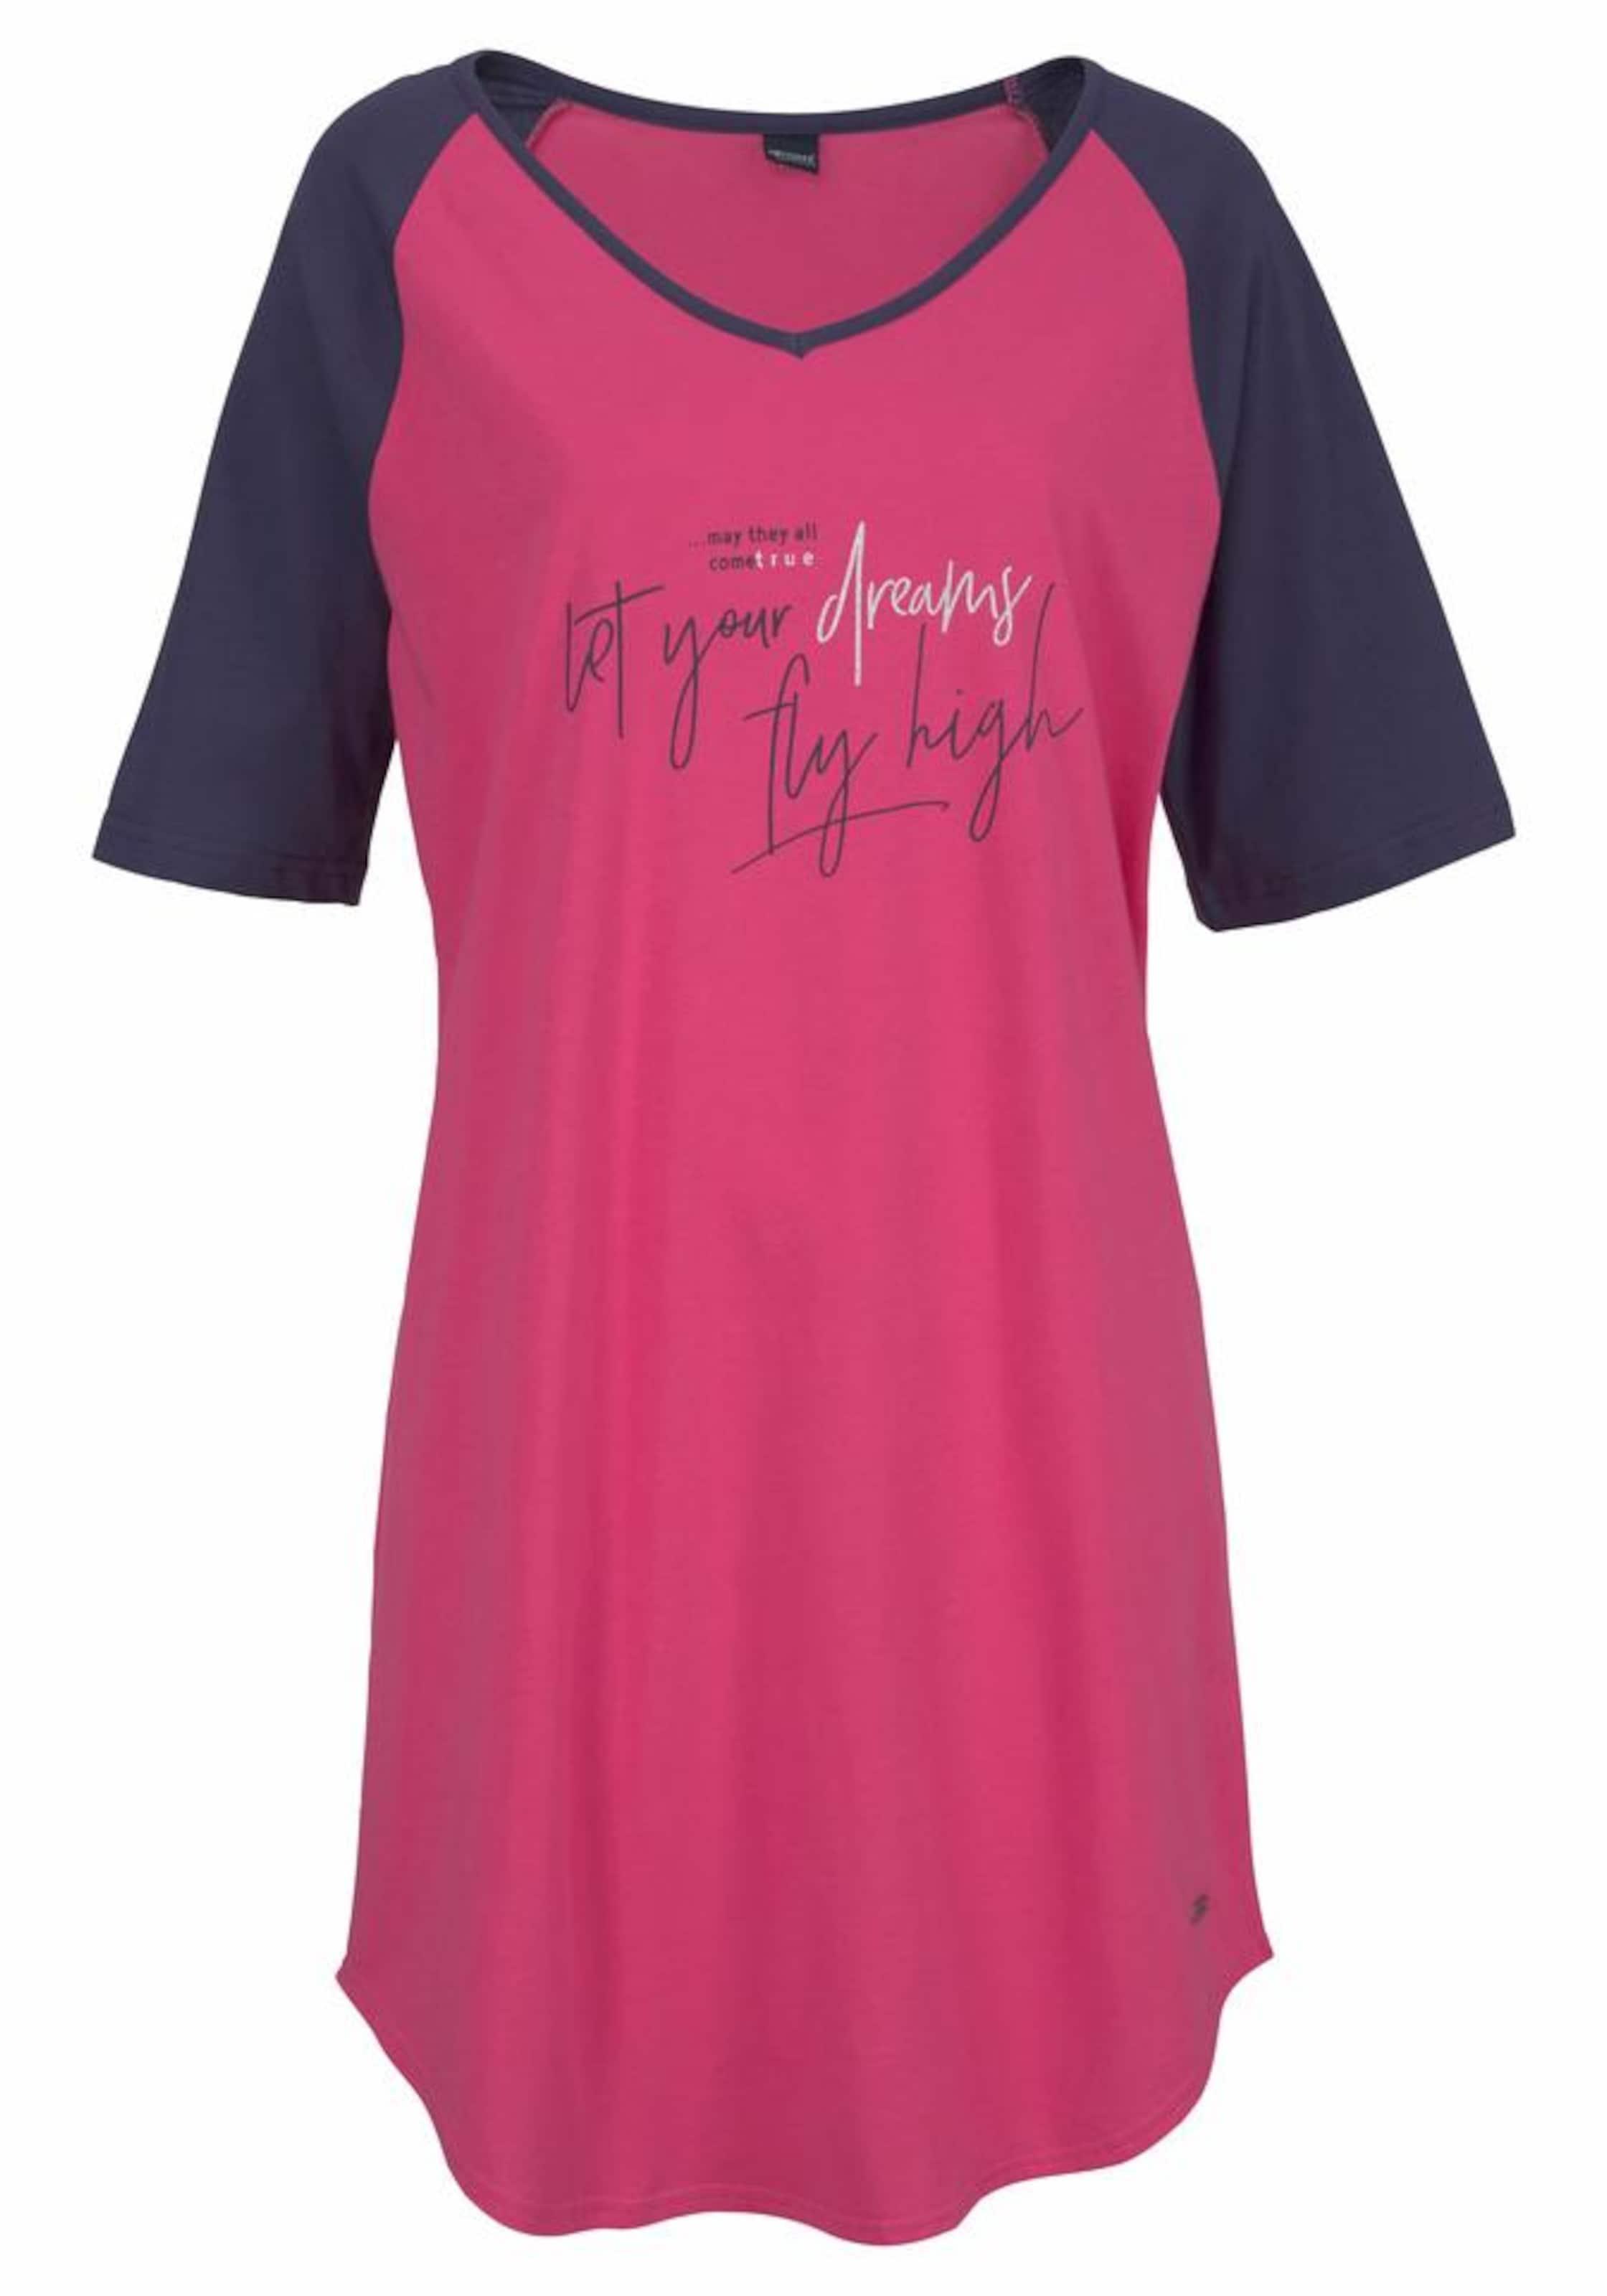 In Arizona Arizona Bigshirt Bigshirt Bigshirt MarinePink In Arizona MarinePink Yf7bg6yv